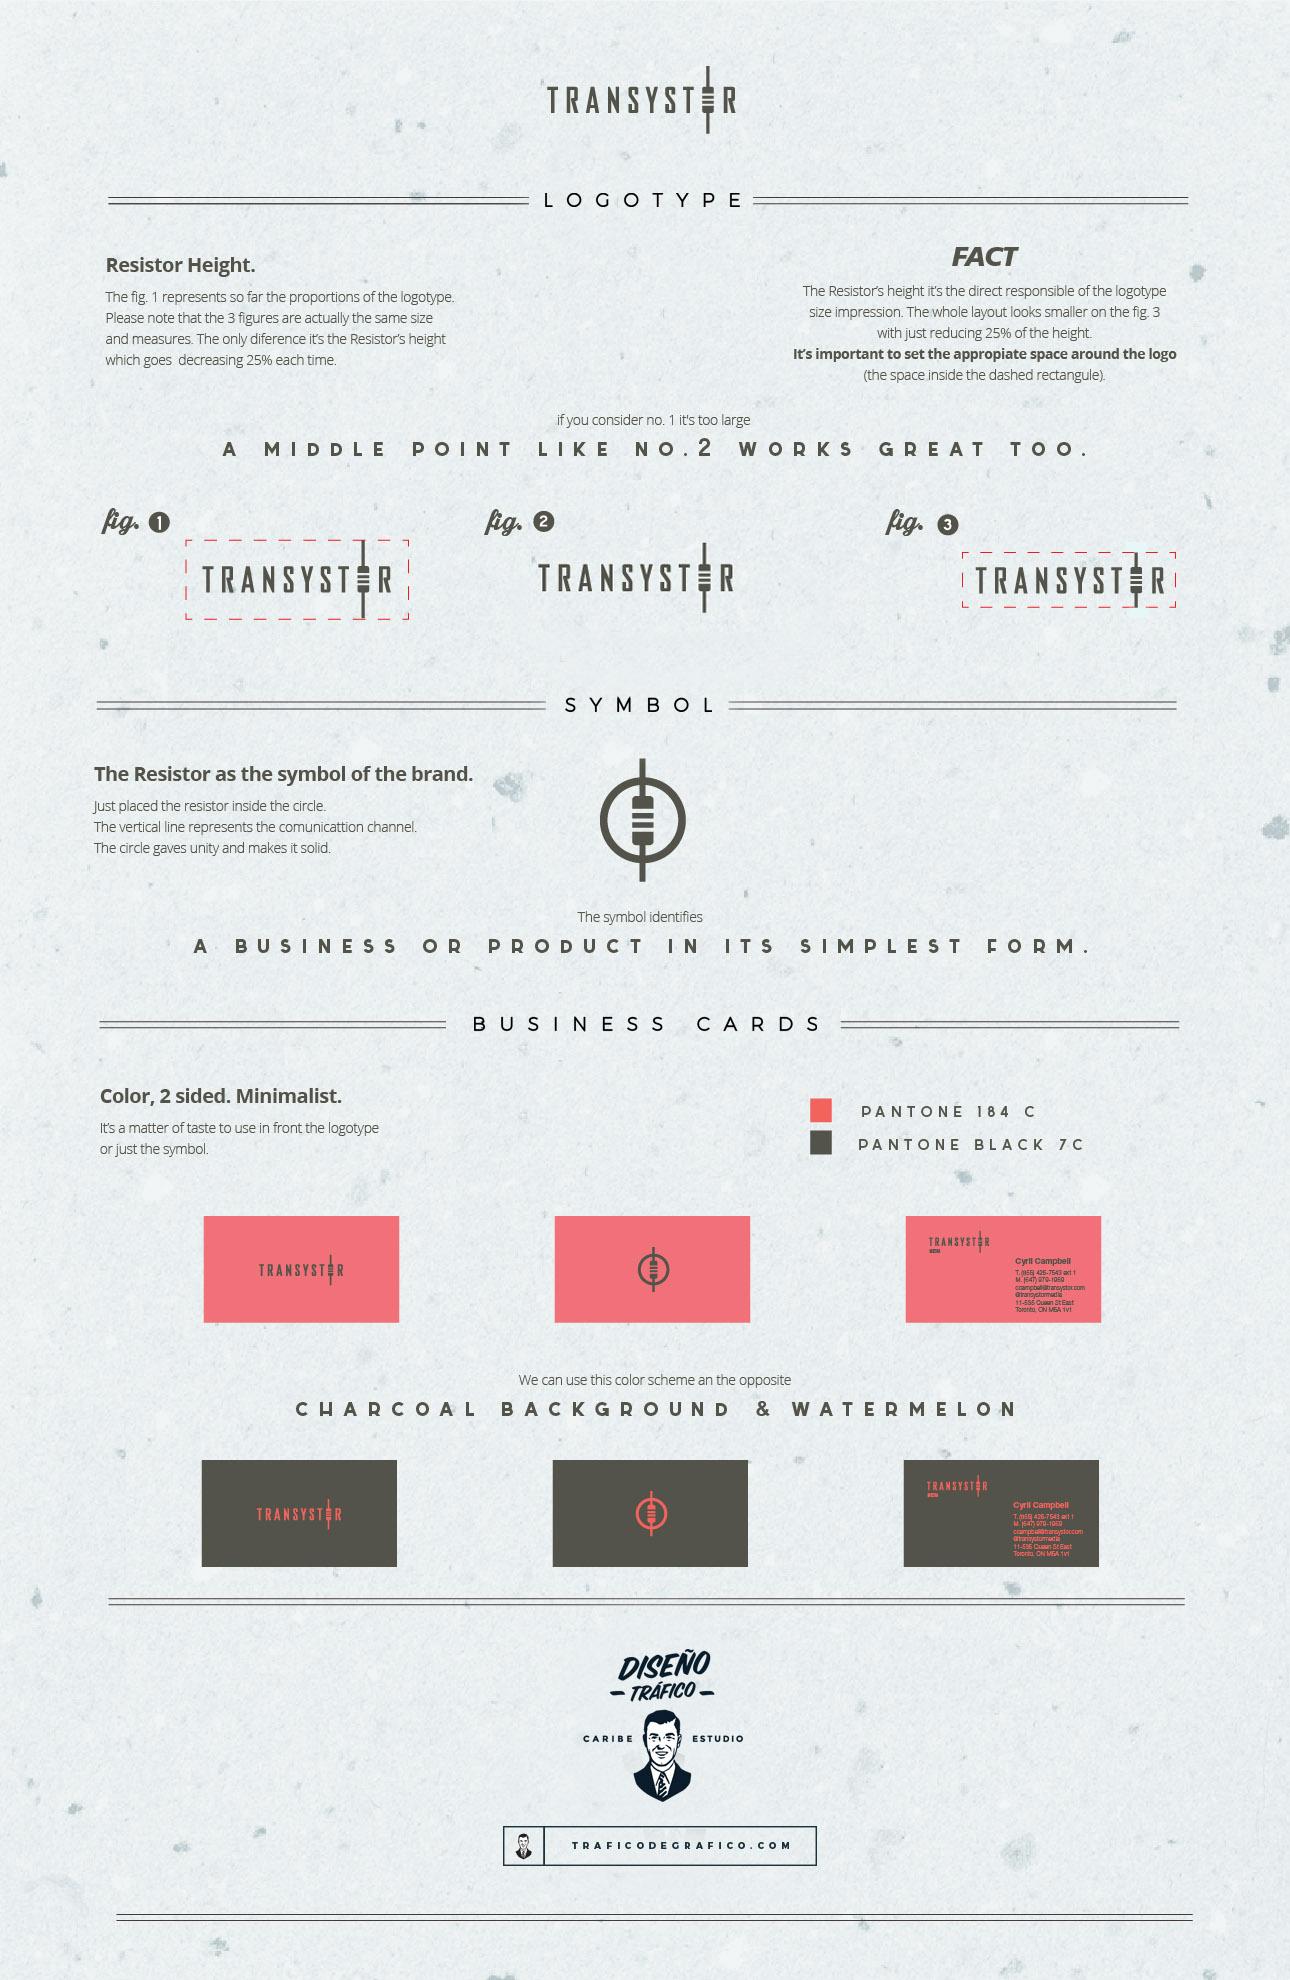 Diseño Trafico Caribe Estudio Diseño Logo Transystor infography copia